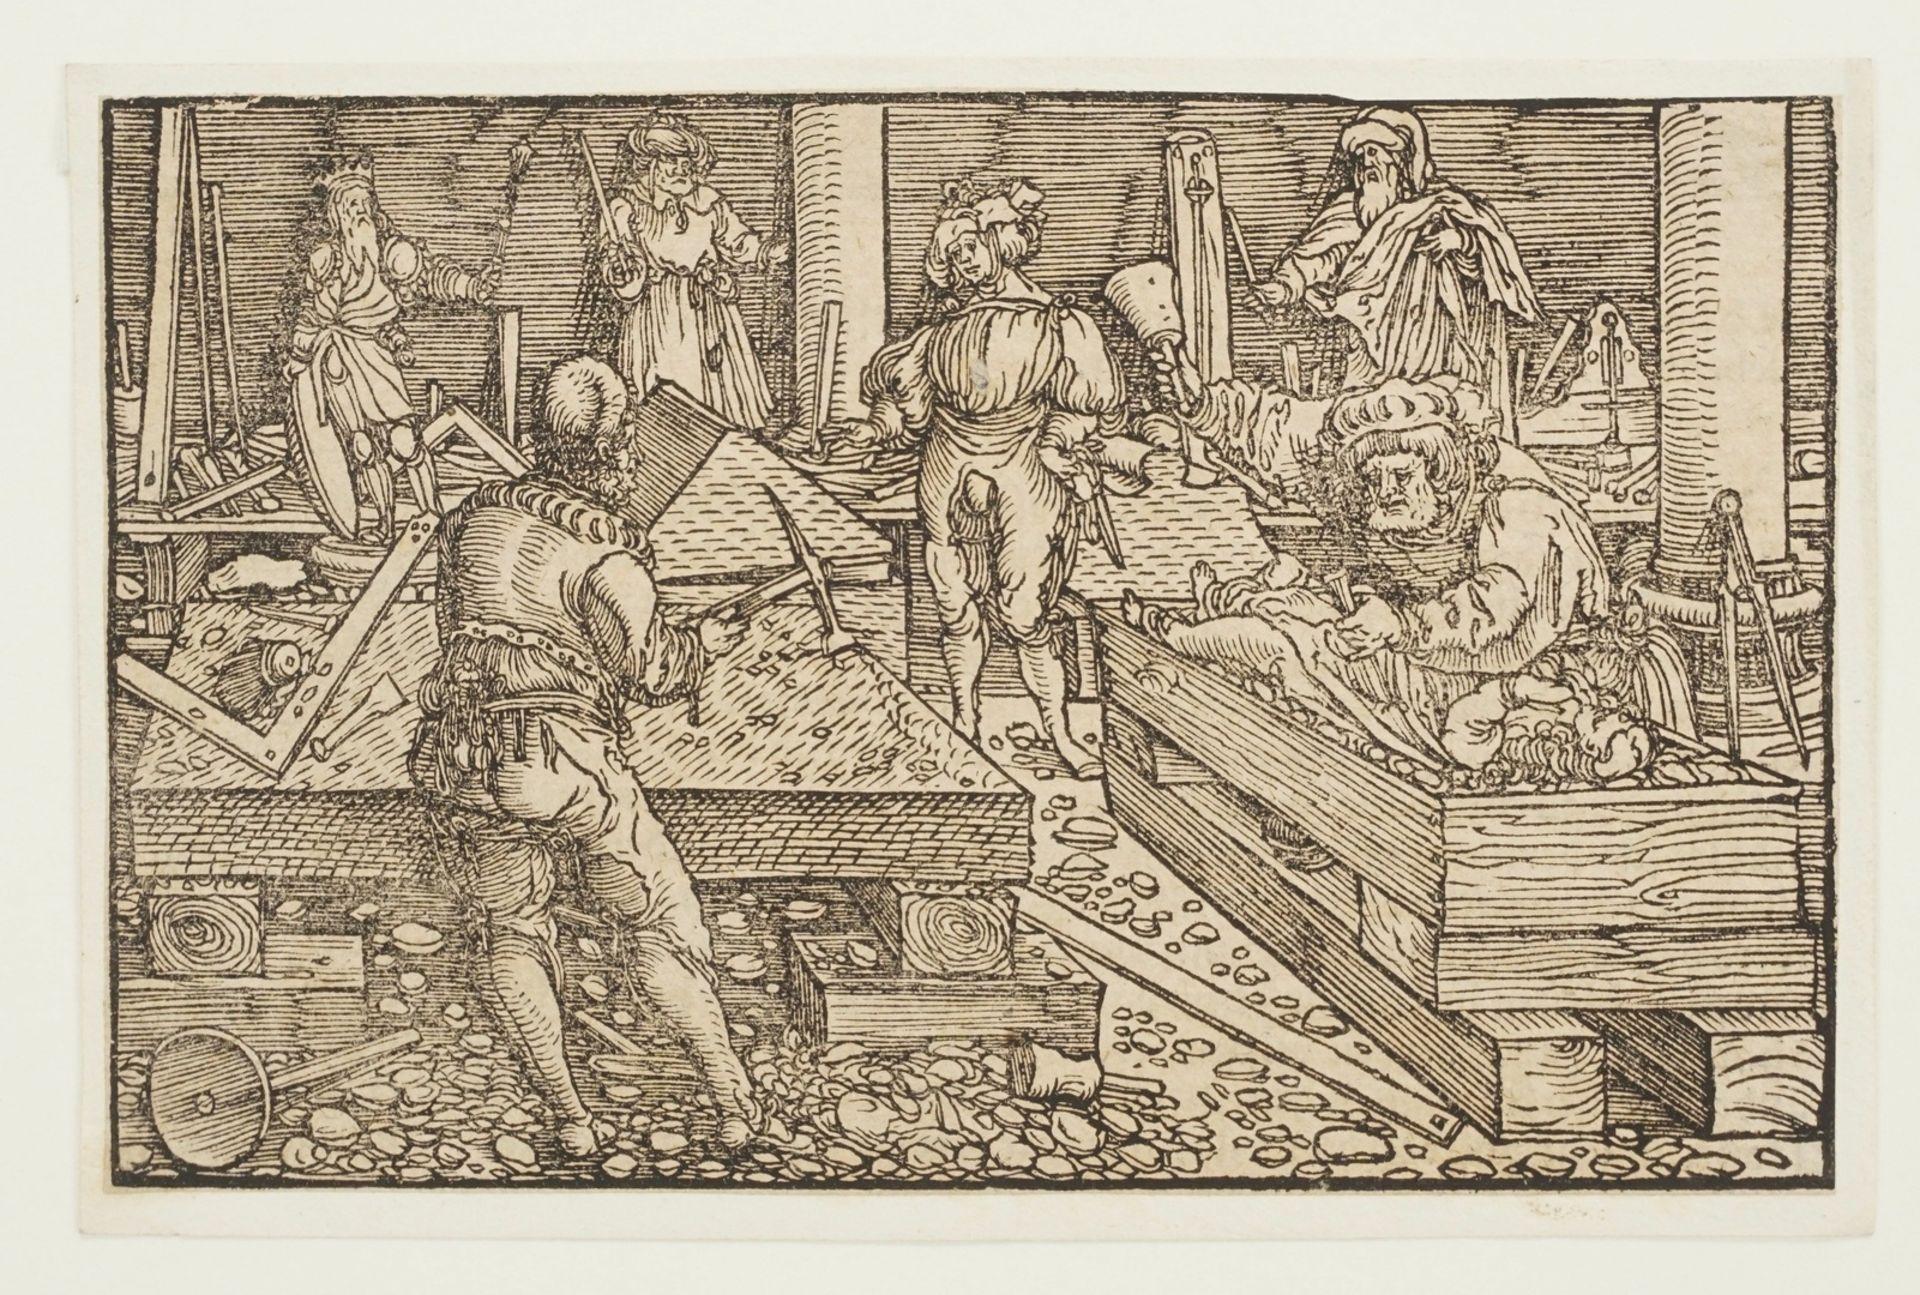 Umkreis Petrarcameister, Der Holzbildhauer - Bild 3 aus 3